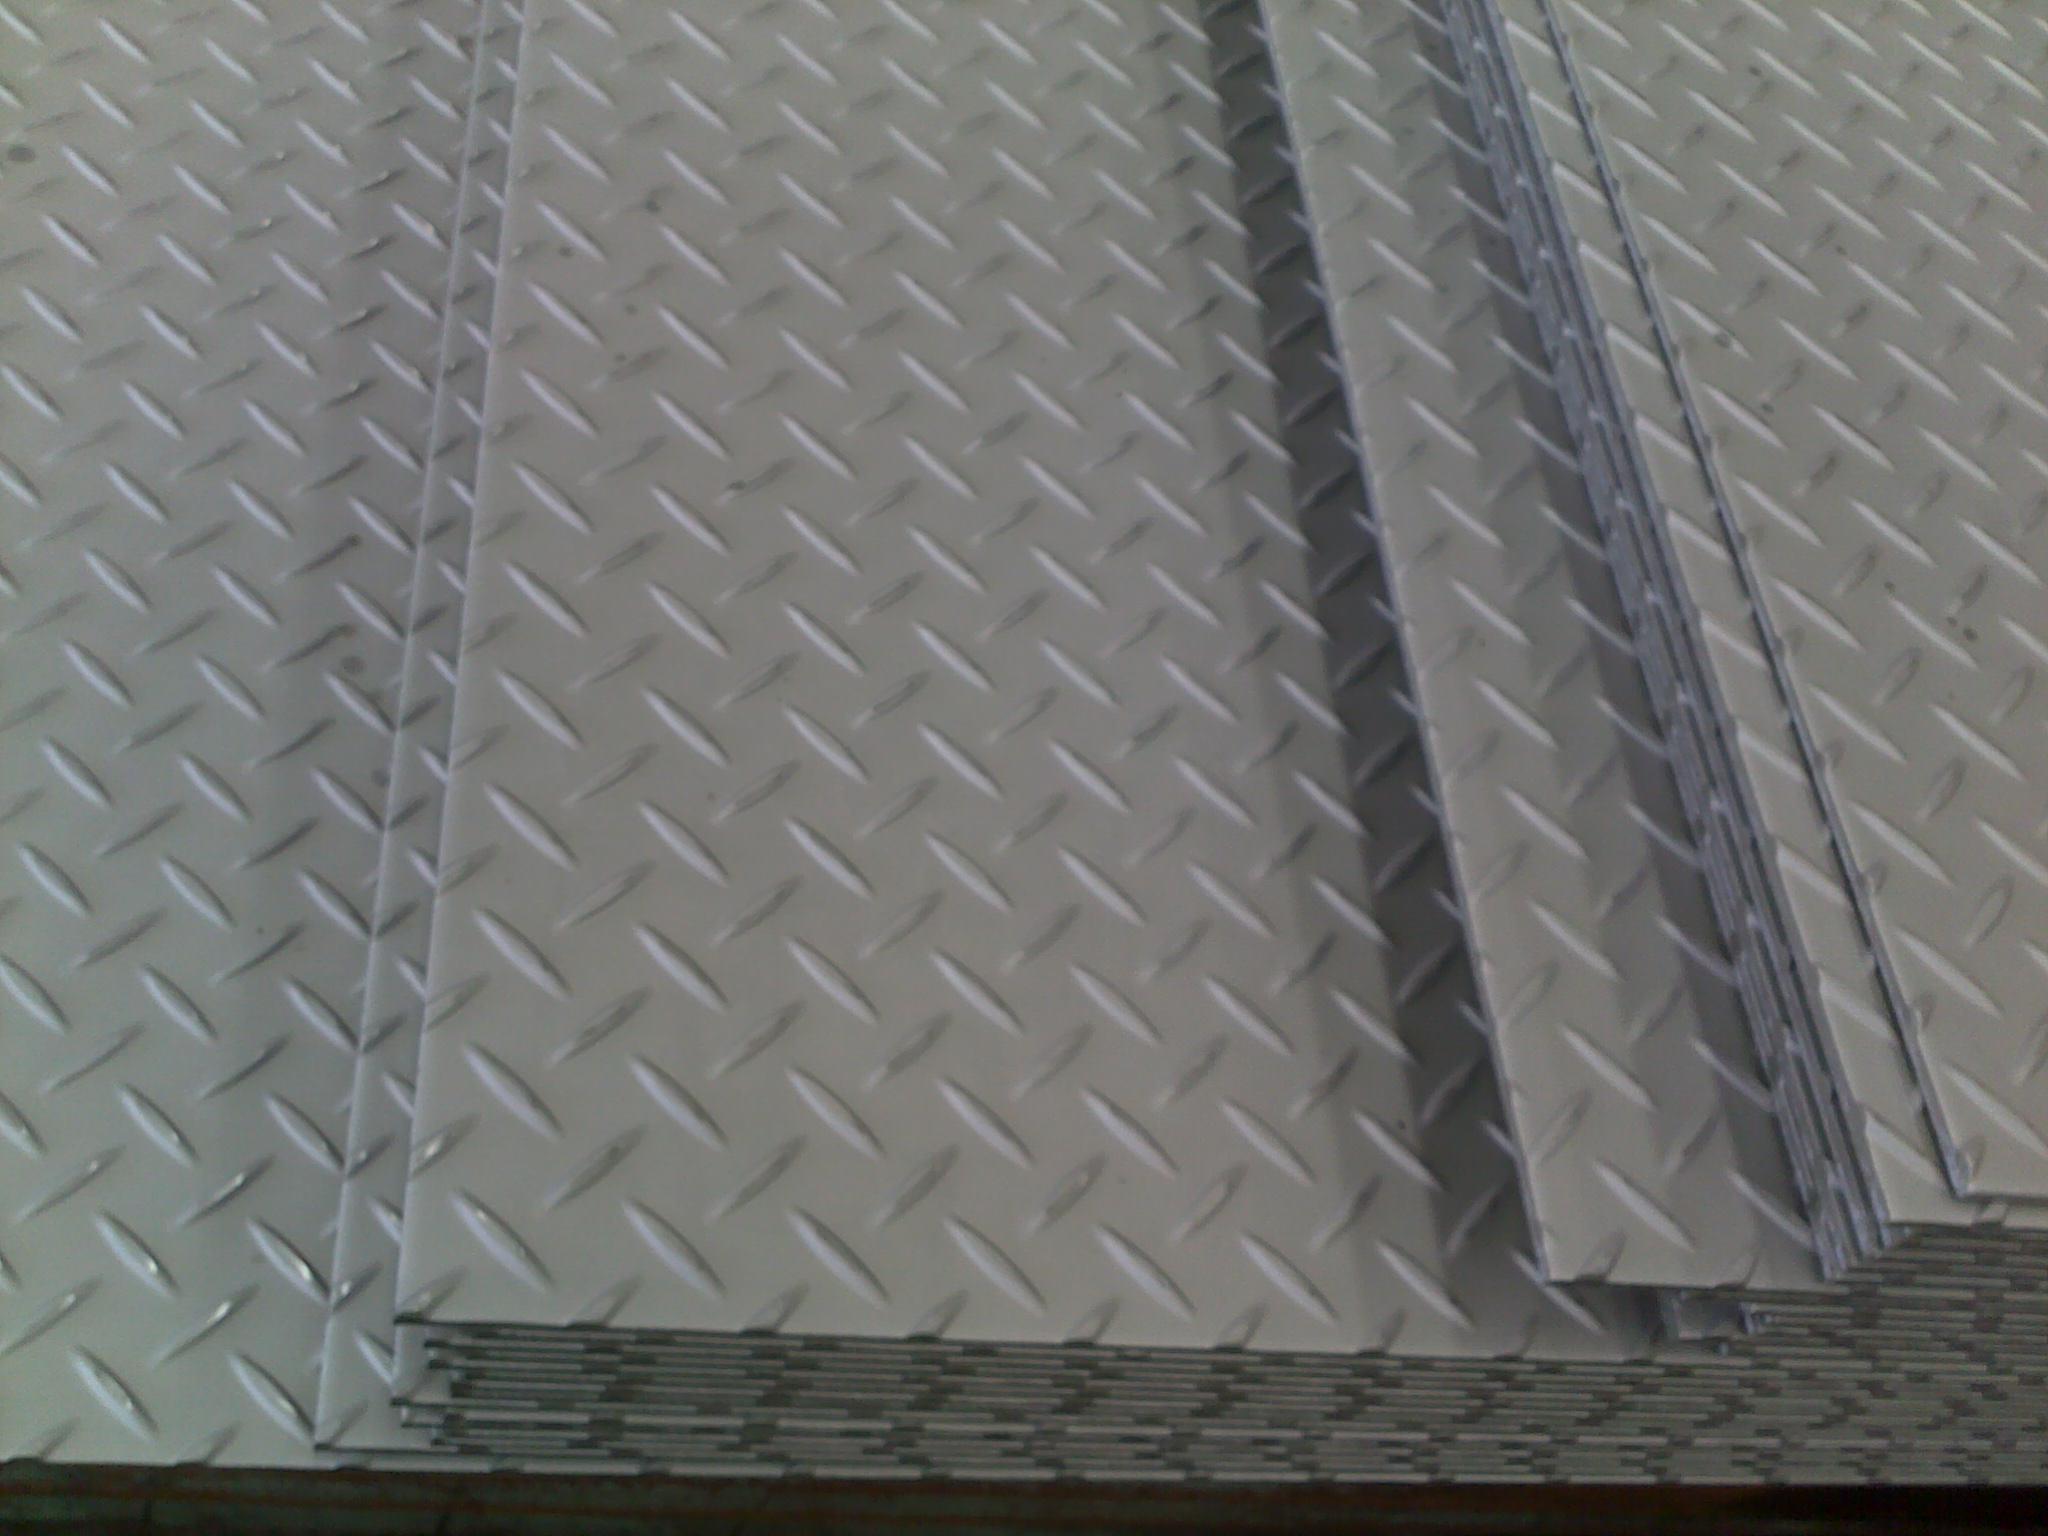 一、折叠剪纸   折叠剪纸是民间最常见的一种制作表现方法。所谓折叠剪纸即经过不同方式折叠剪制而成的剪纸。最早的对马对猴等团花就是经折叠剪出的。折叠剪纸折法简明,制作简便,省工省时,造型概括而有一定变形,尤其适于表现结构对称的形体和对称的图式,如人、蛙、蝶、龟、倒影、对鱼等,几何纹、花卉、景物、器具等题材都能适应,而且展开极为对称,又能变化出多种适合形,两方连续,四方连续或多方连续,这是它能长久得以流传的一个主要原因,折叠剪纸对中国的剪纸普及和工艺图案造型,发挥着重要作用。   二、剪影   剪影